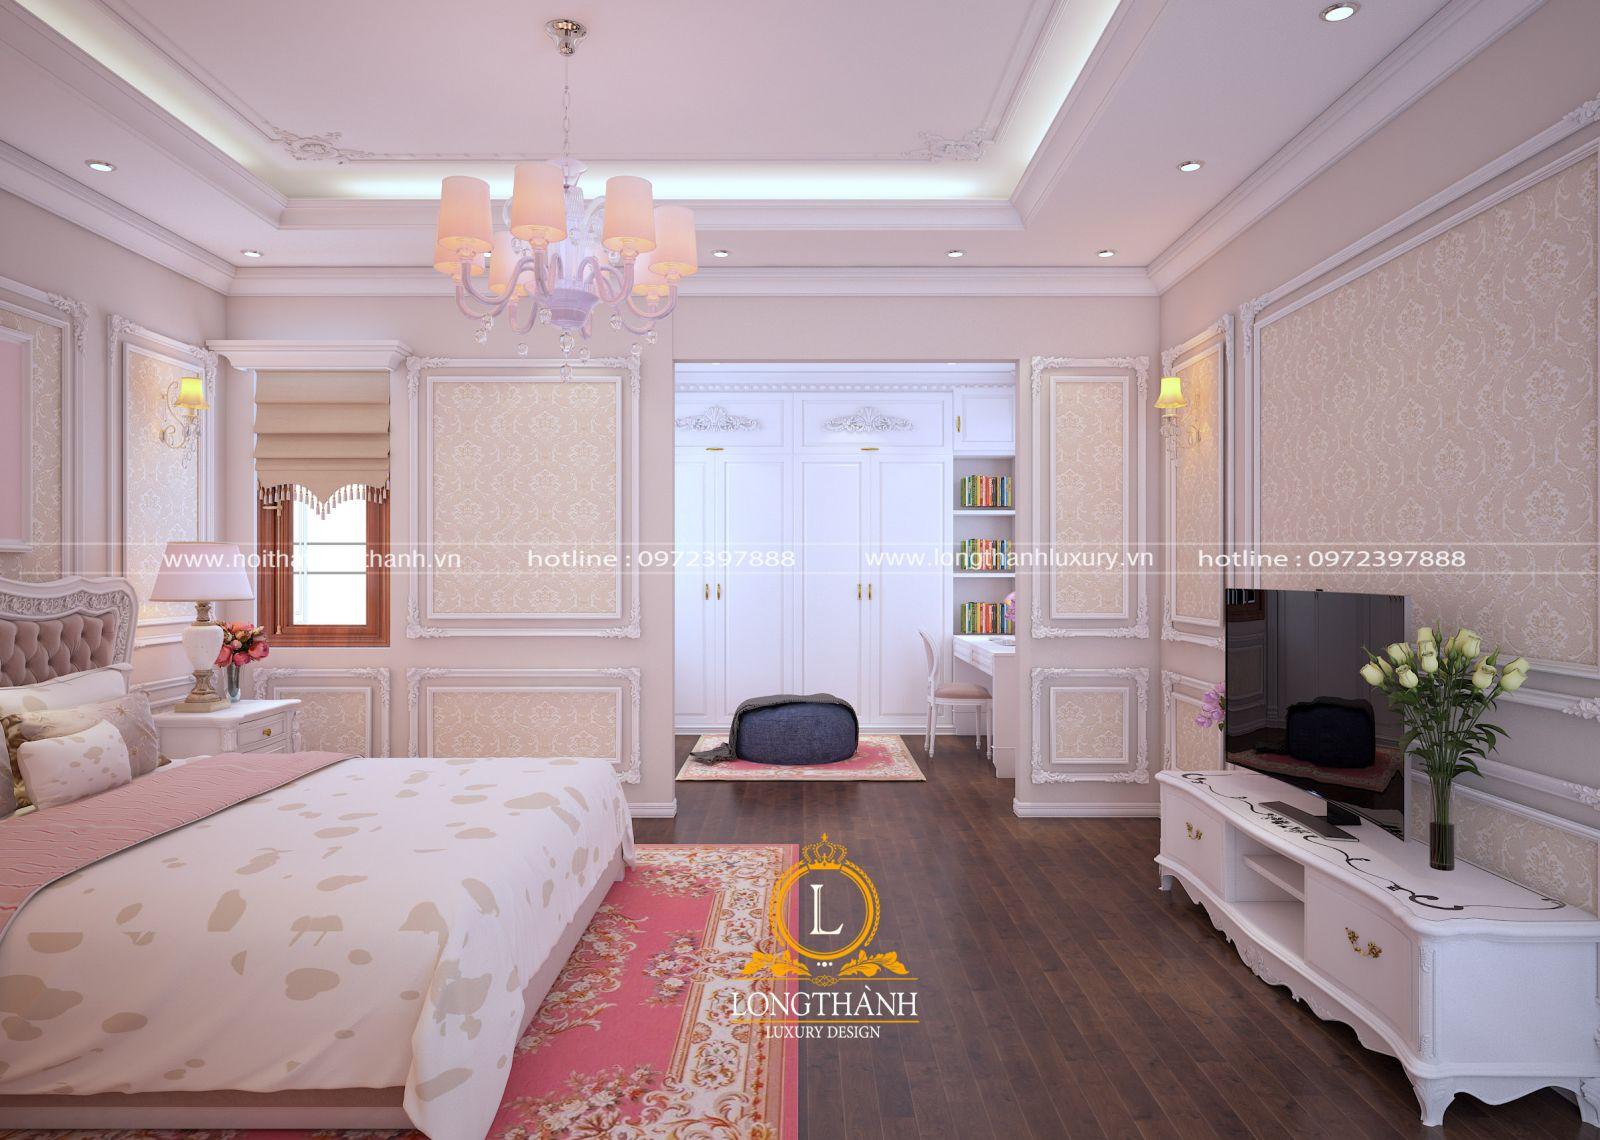 Thiết kế kệ tivi cho phòng ngủ hiện đại màu trắng